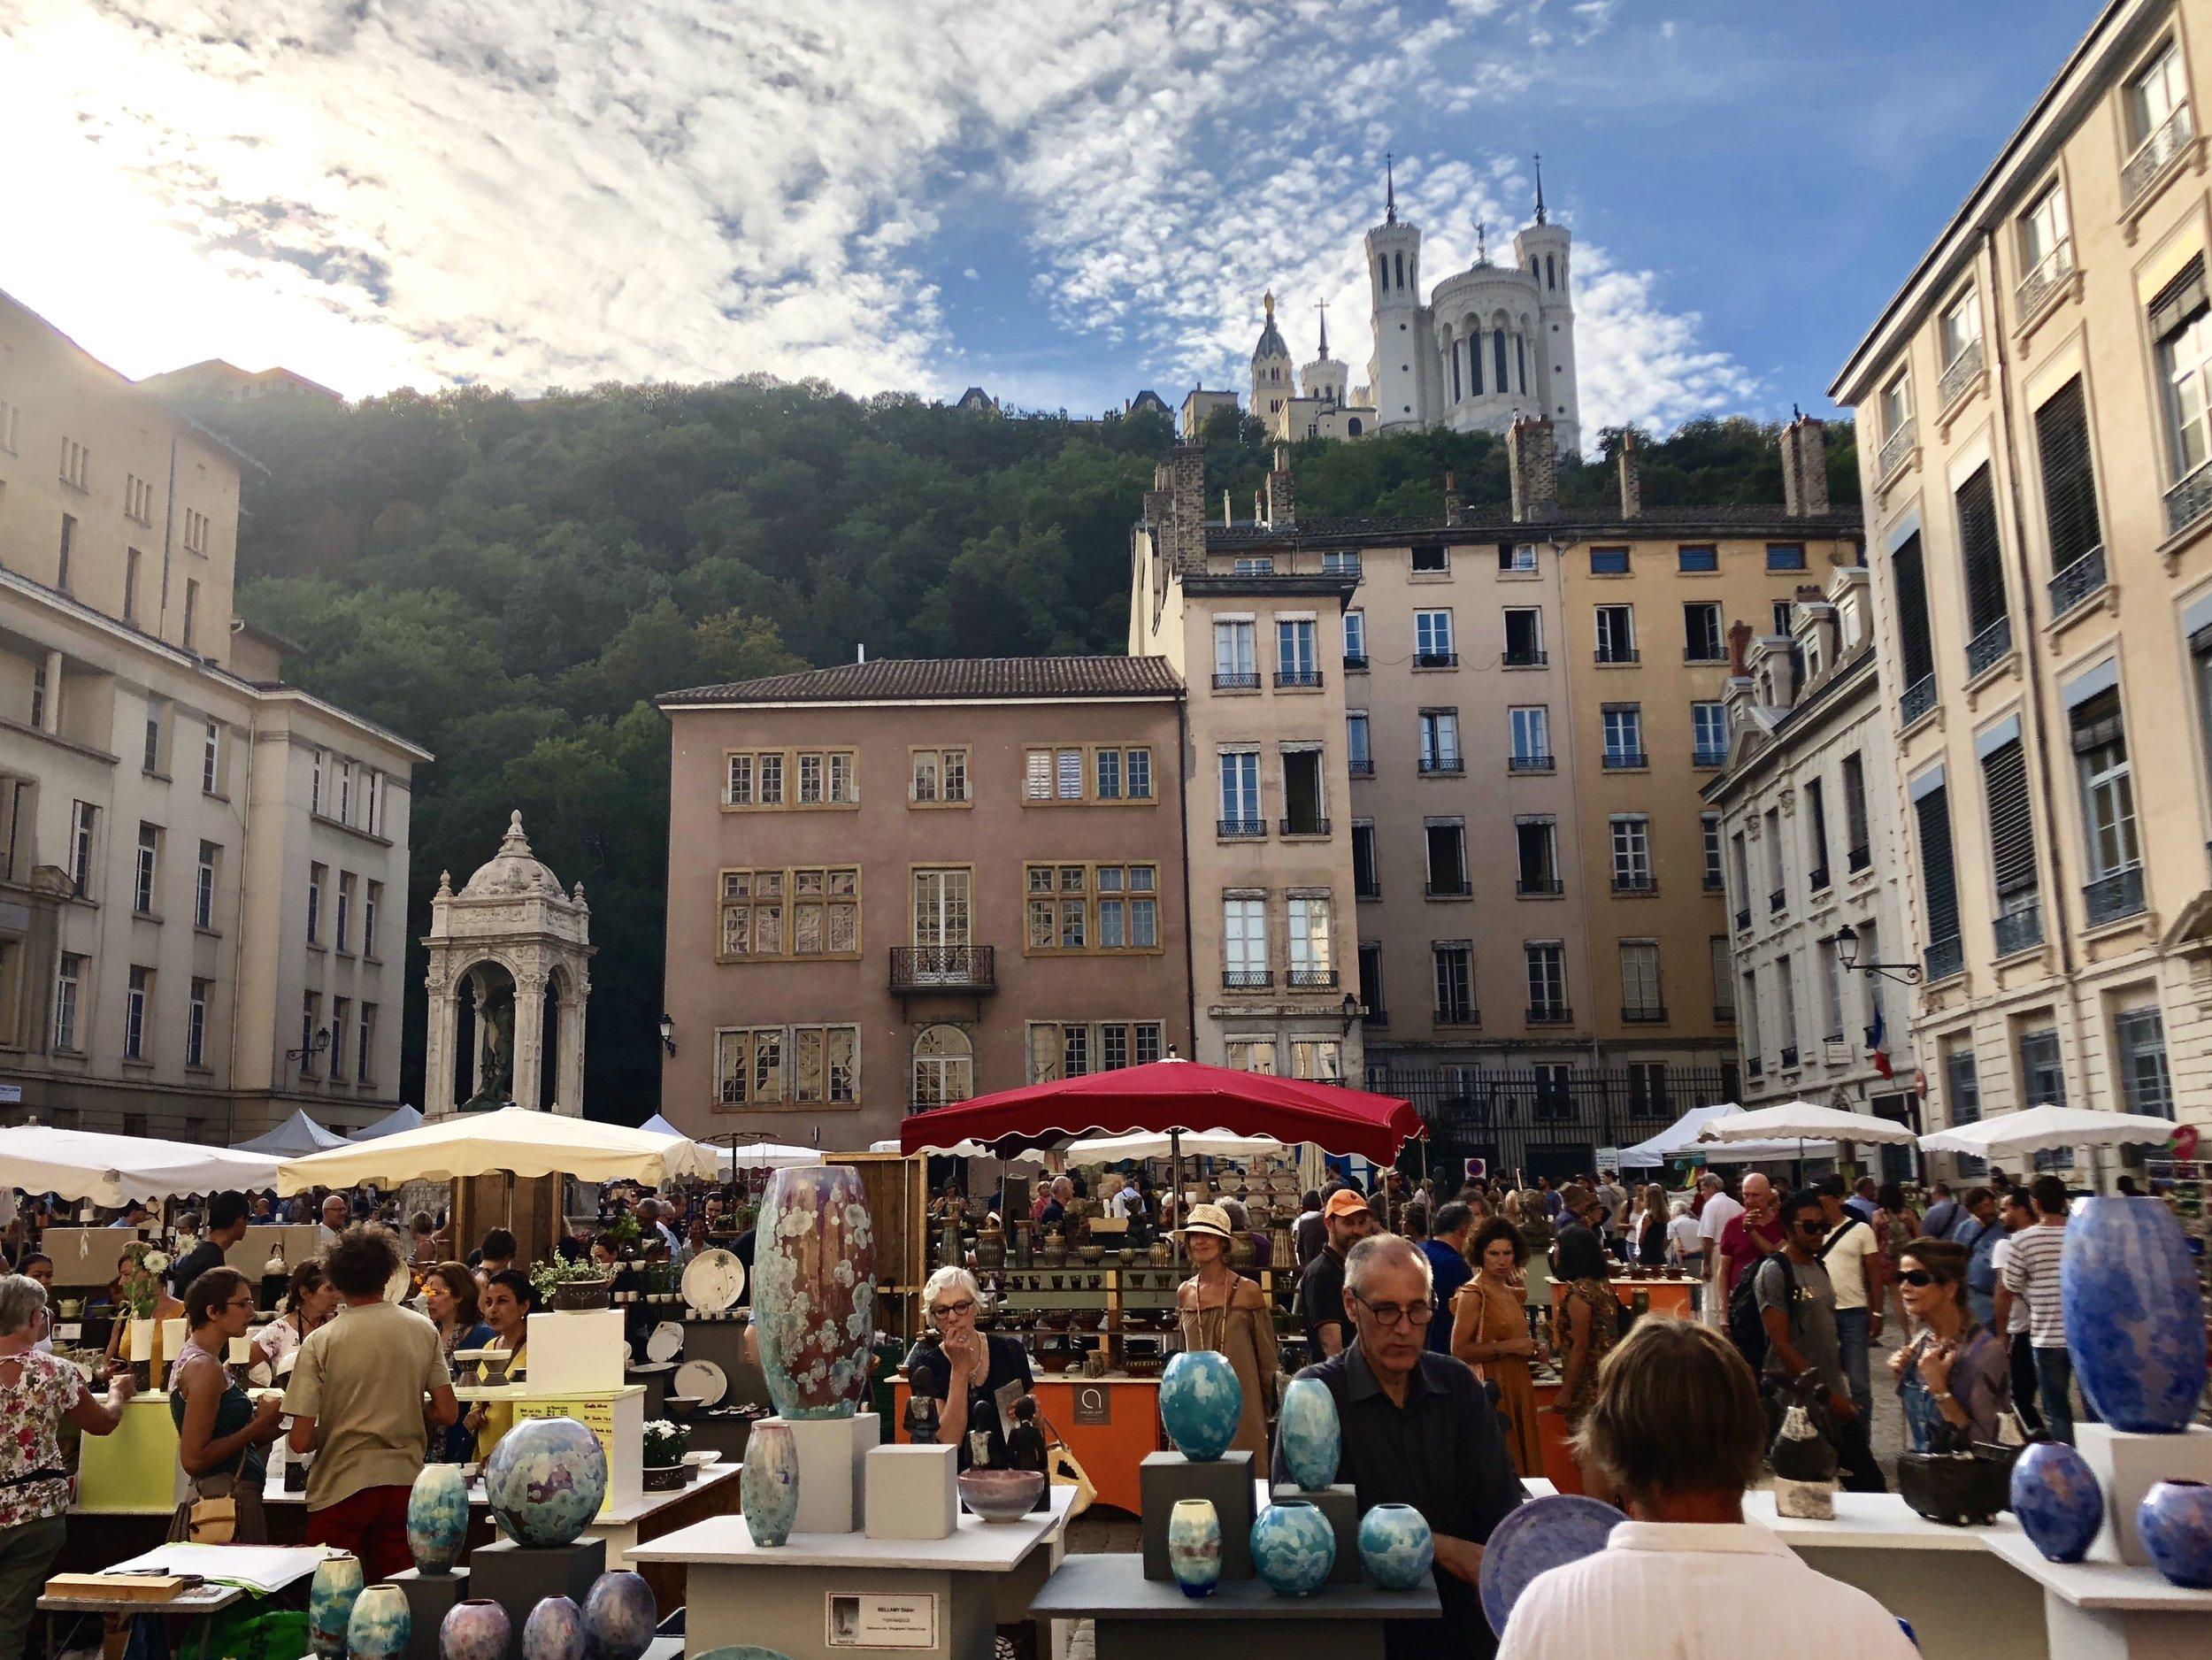 Les Tupiniers, the pottery show at Place Saint Jean, Vieux Lyon